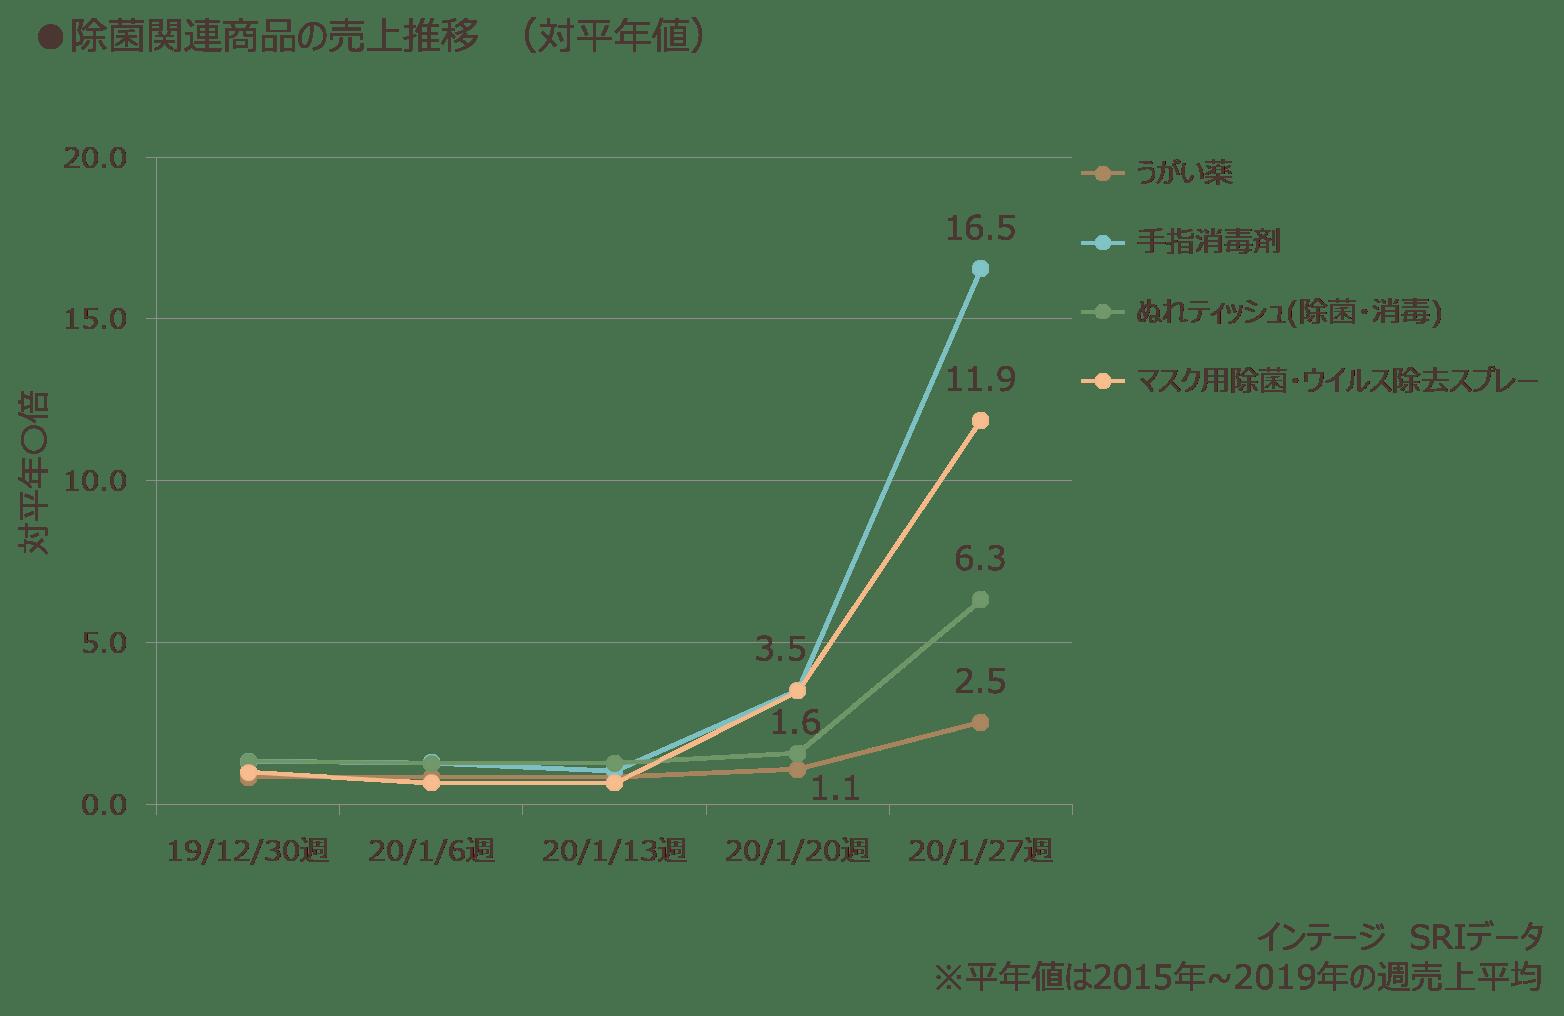 除菌関連商品の売上推移(対平年値)